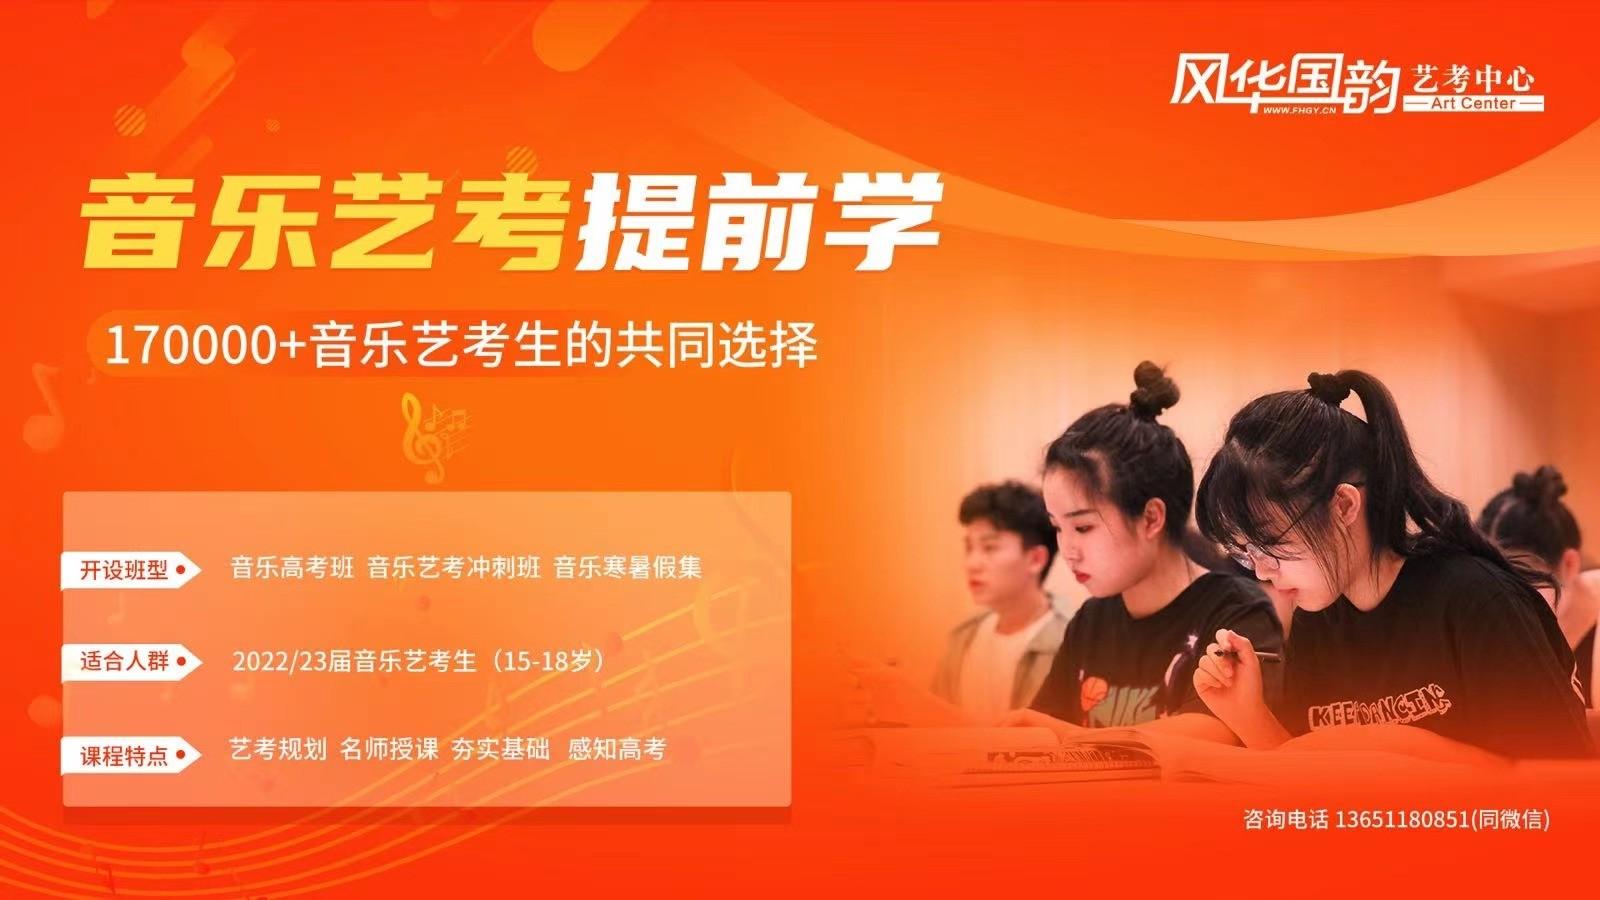 中国传媒大学11选5机构哪个好?